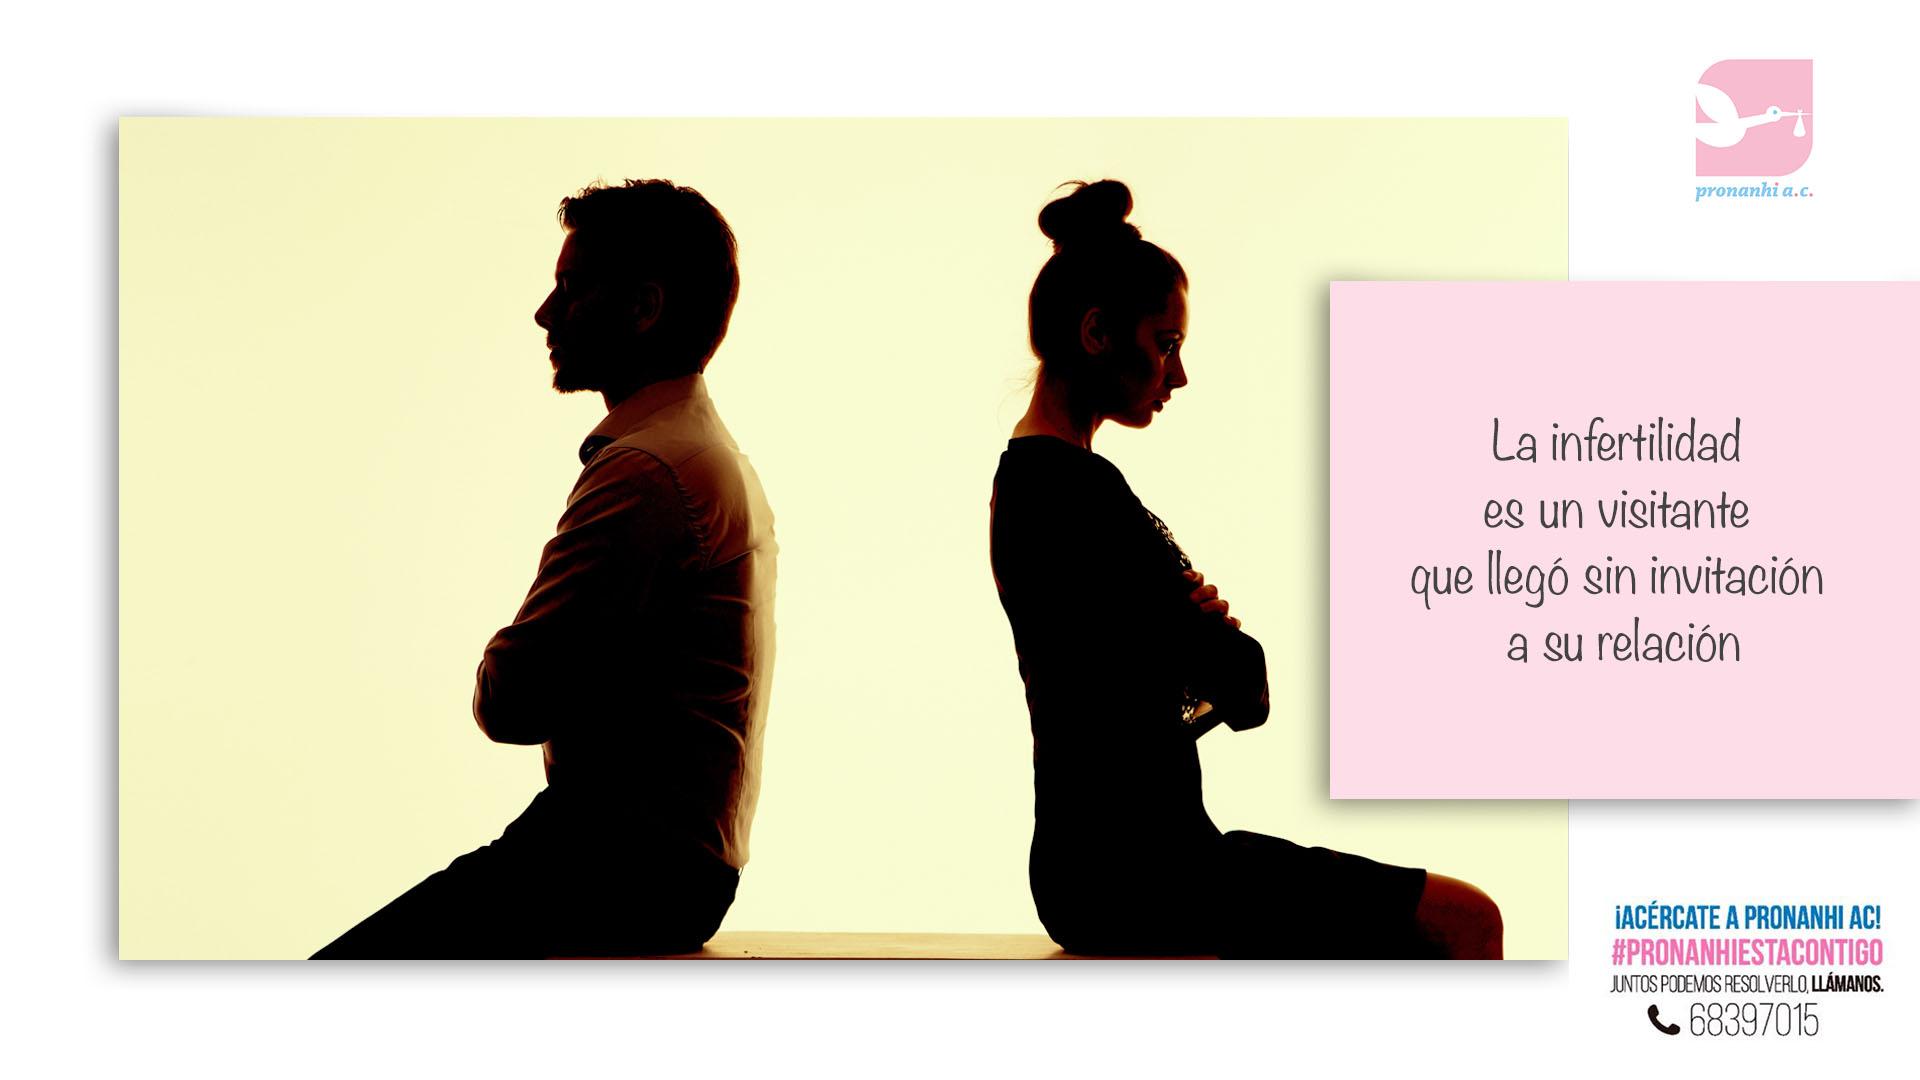 mom_to_be_fertilidad_tips_para_pareja_con_infertilidad